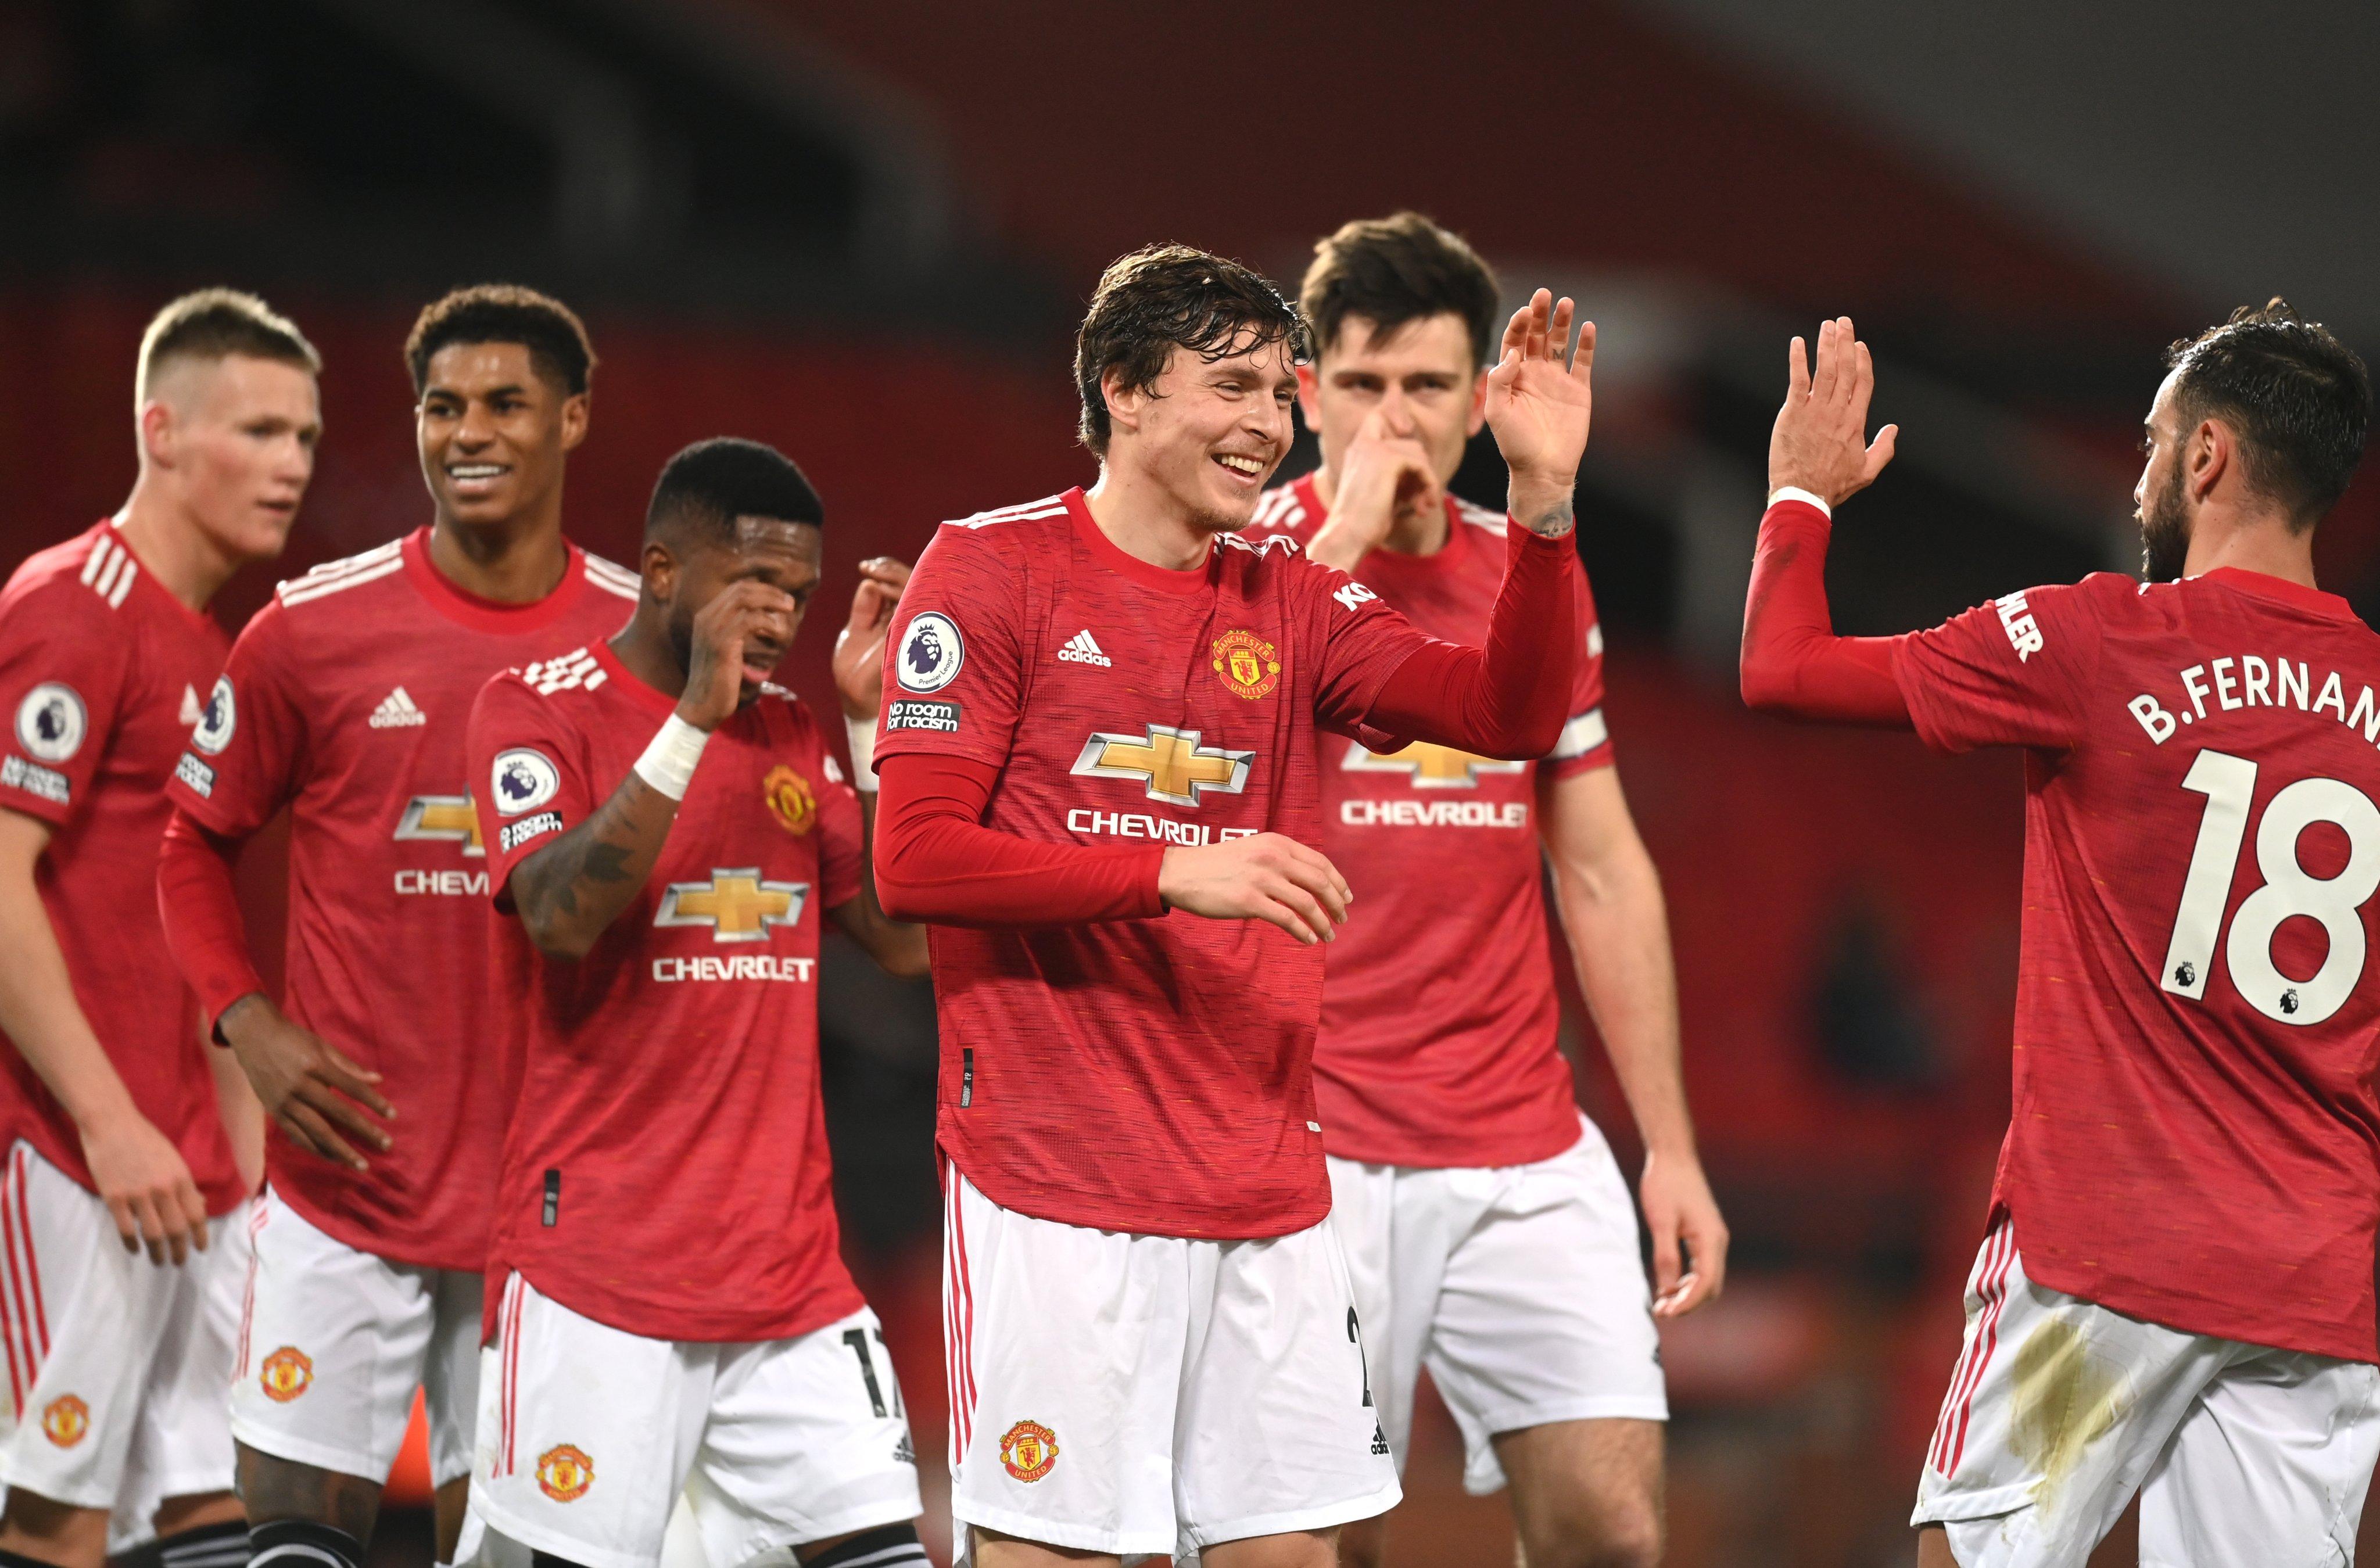 El Manchester United ganó en el regreso de su rivalidad con el Leeds